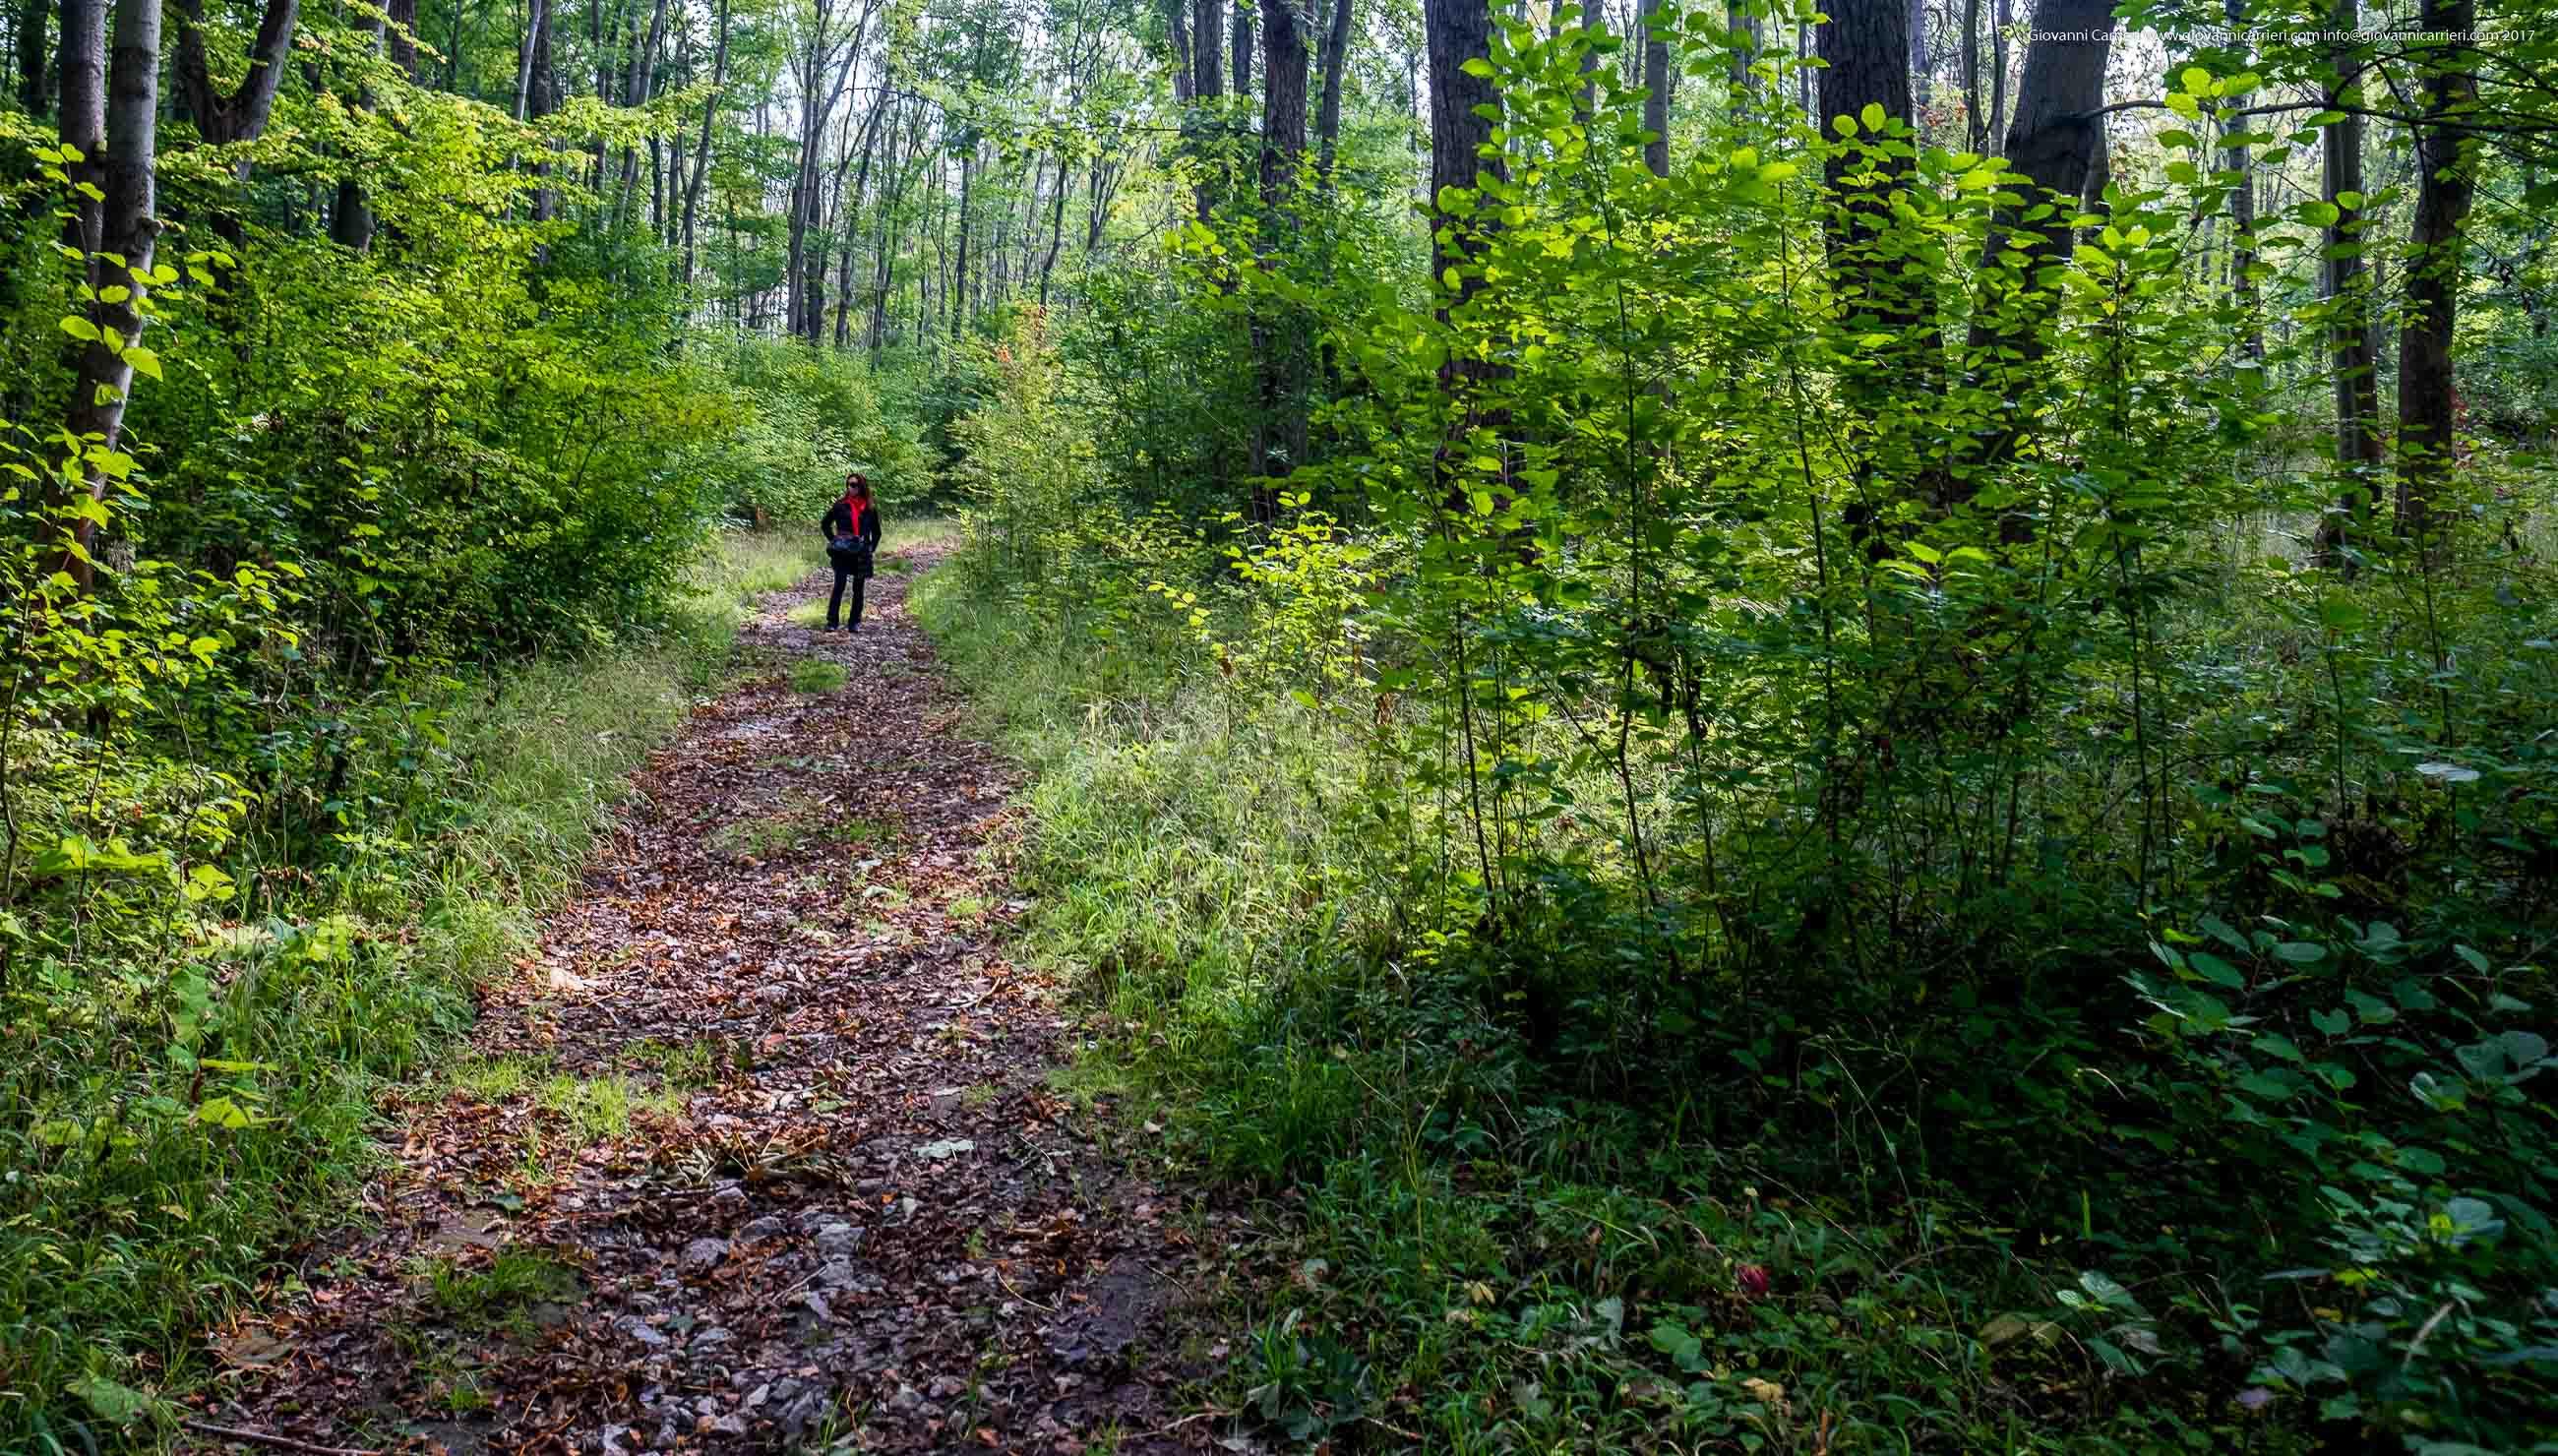 La foresta di faggi di Buchenwald